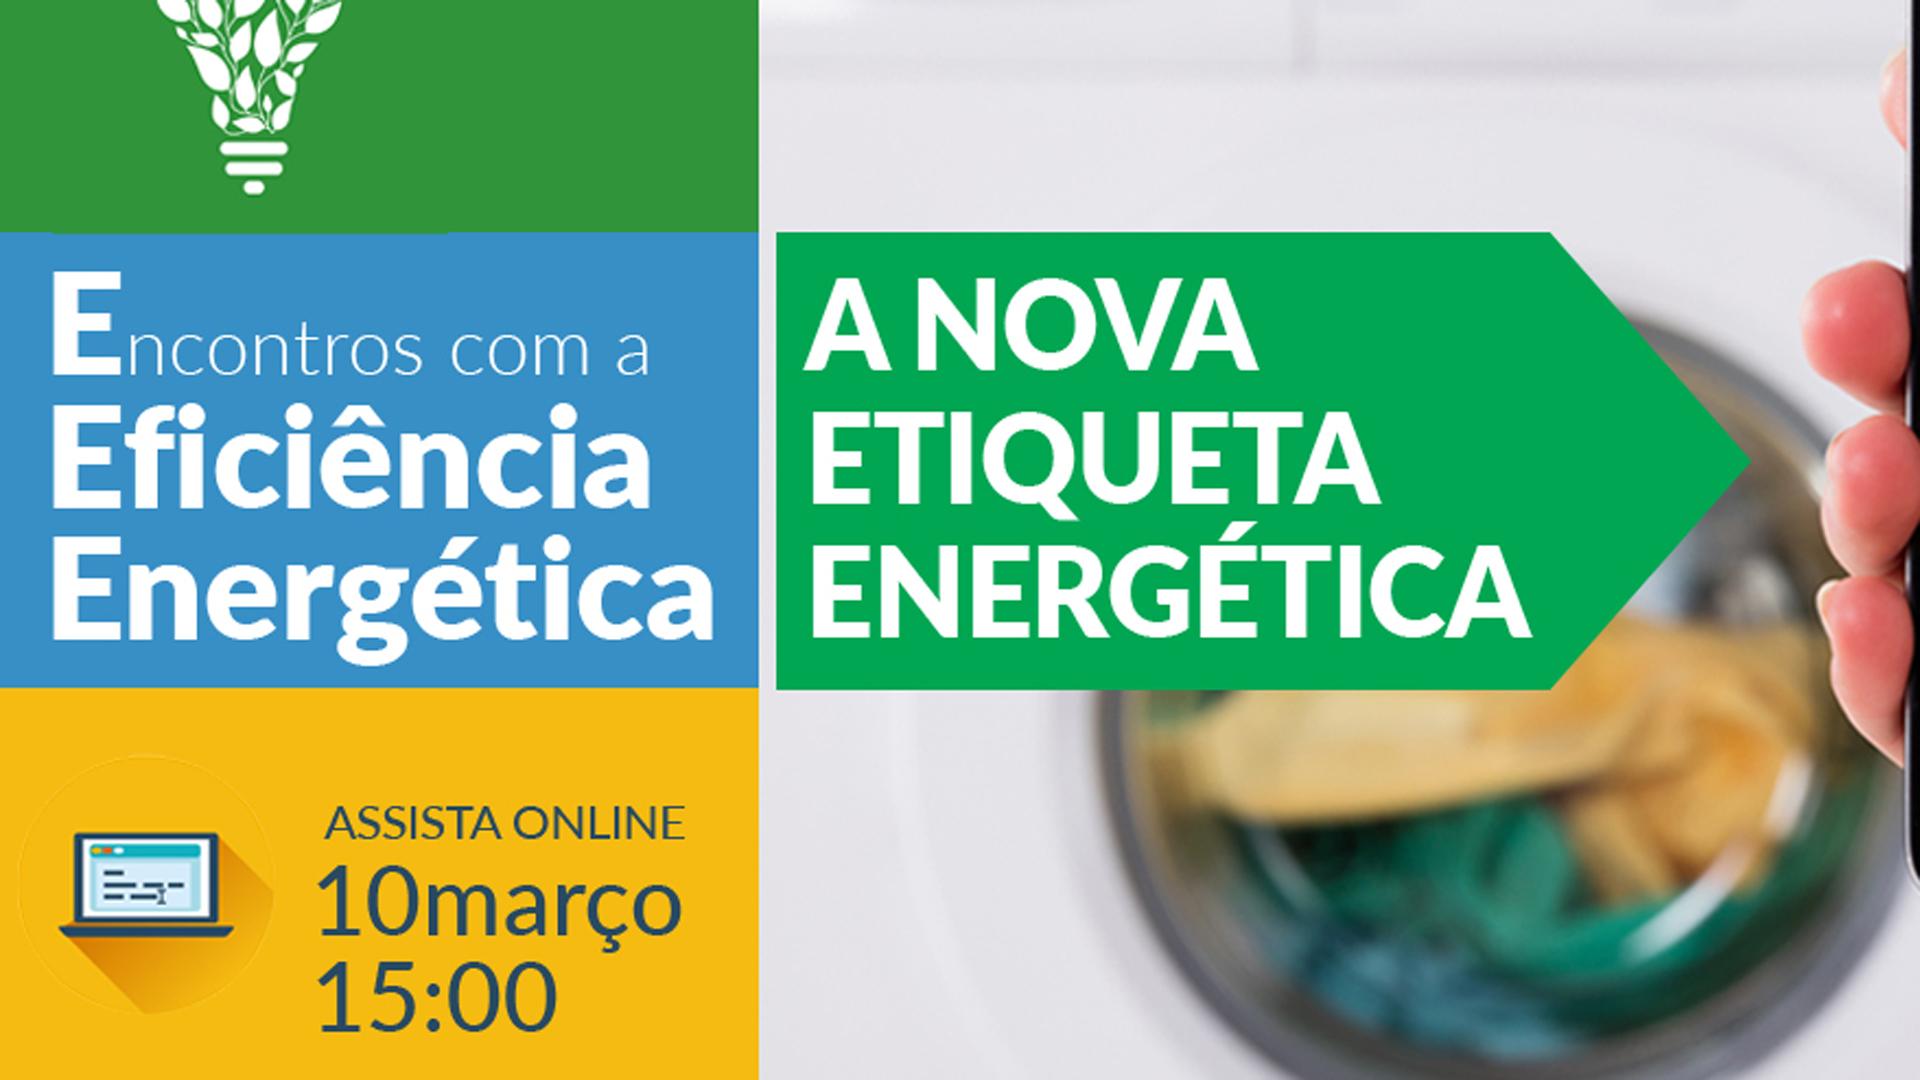 Governo dos Açores realiza sessão de esclarecimento sobre a nova etiqueta energética